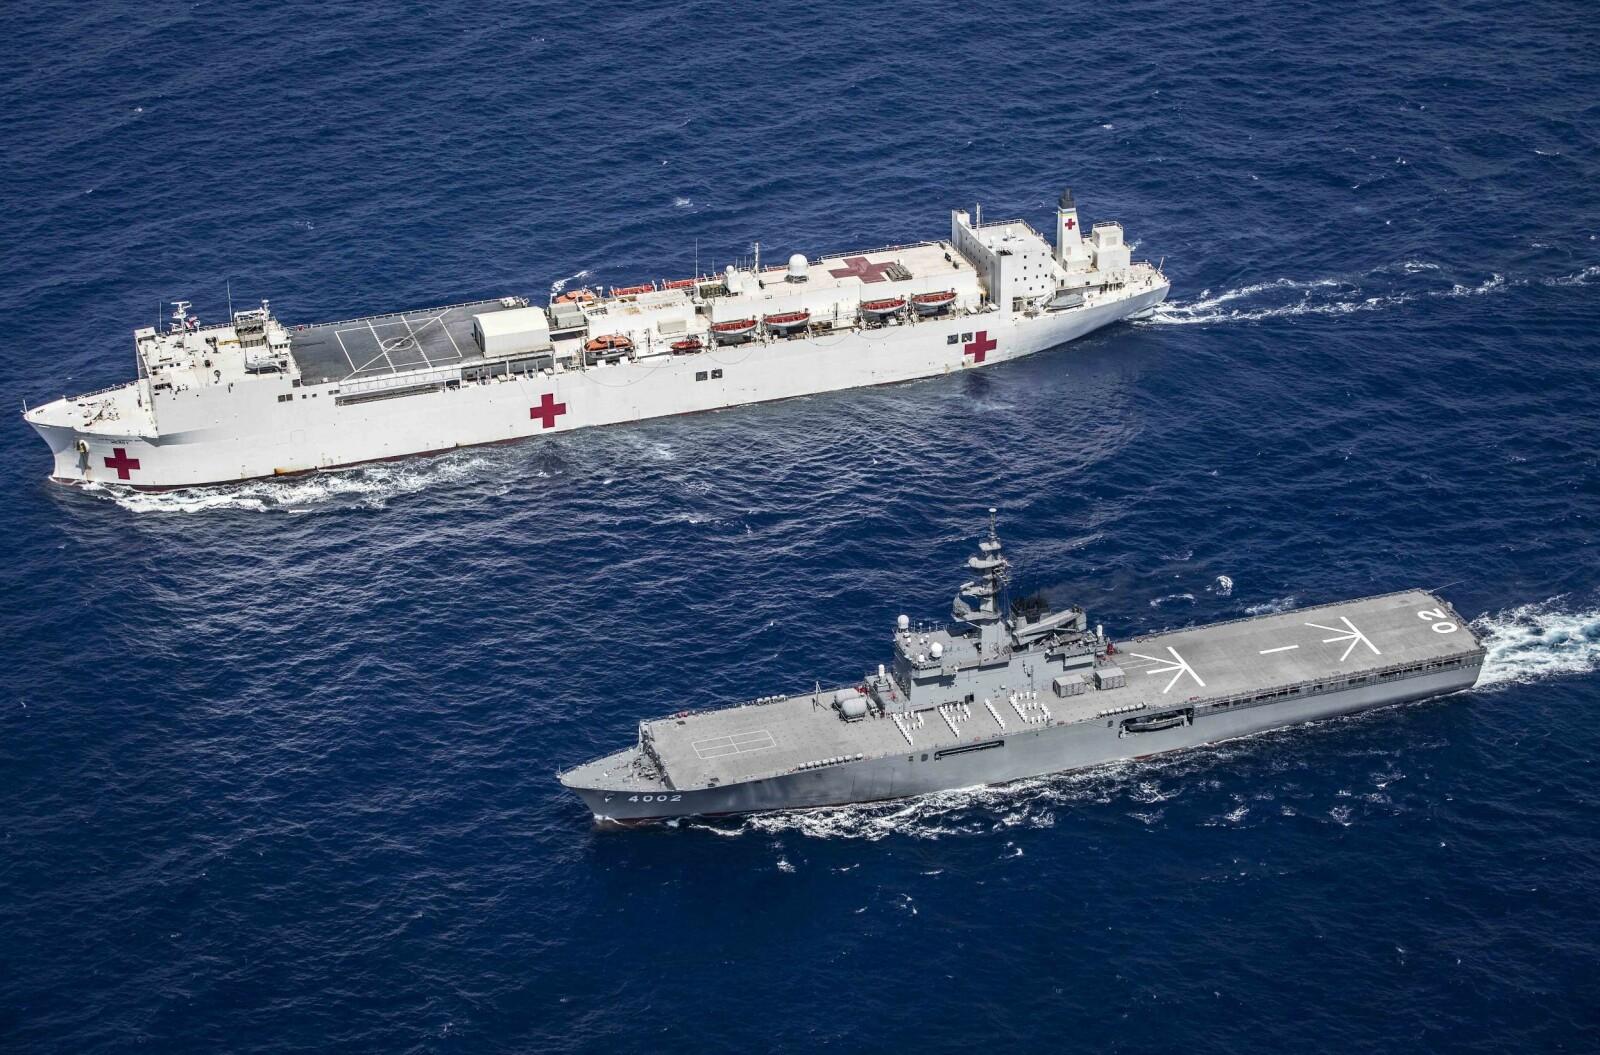 <b>ØVELSE: </b>Det japanske krigsskipet JS Shimokita går ved siden av hospitalskipet USNS Mercy (underveis til et oppdrag under Pacific Partnership 2016, i Da Nang, Vietnam.